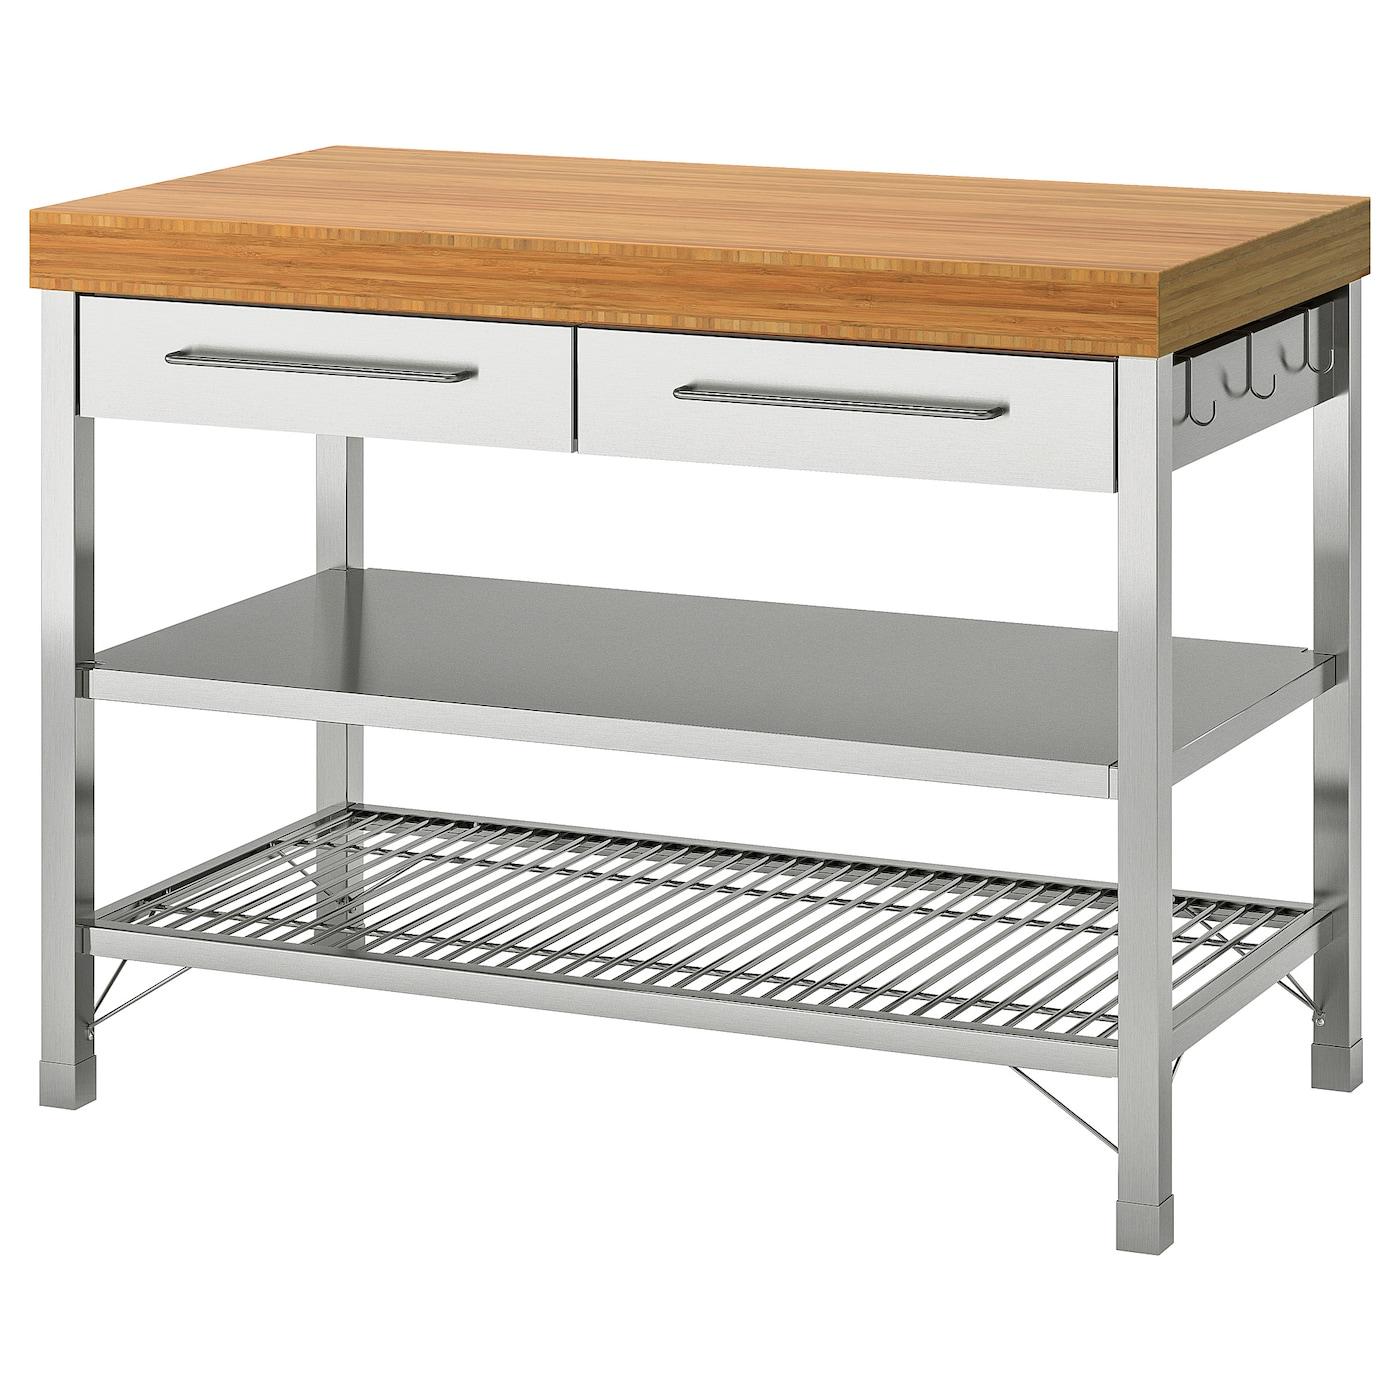 Carritos de Cocina y Camareras | Compra Online IKEA